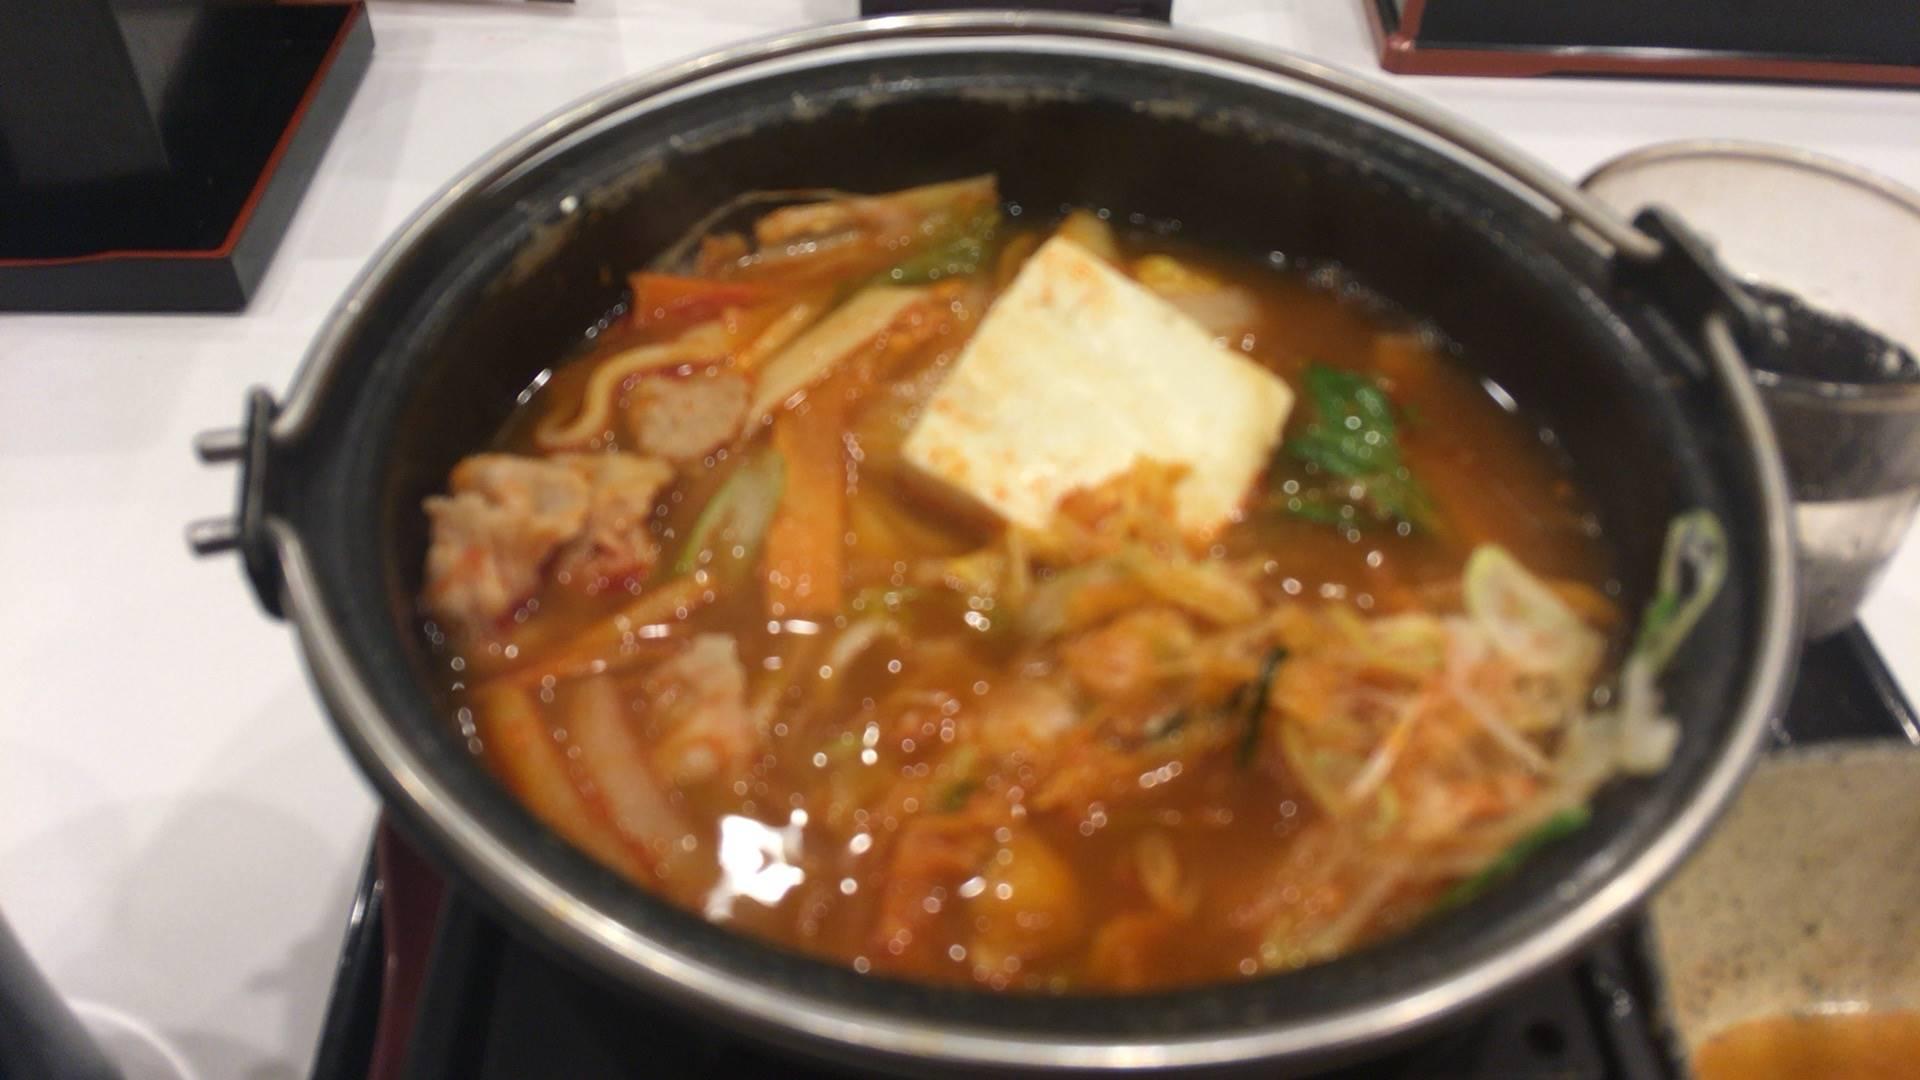 鬼辛豚チゲ鍋単品と「ネギ増し」+100円食べている途中の写真